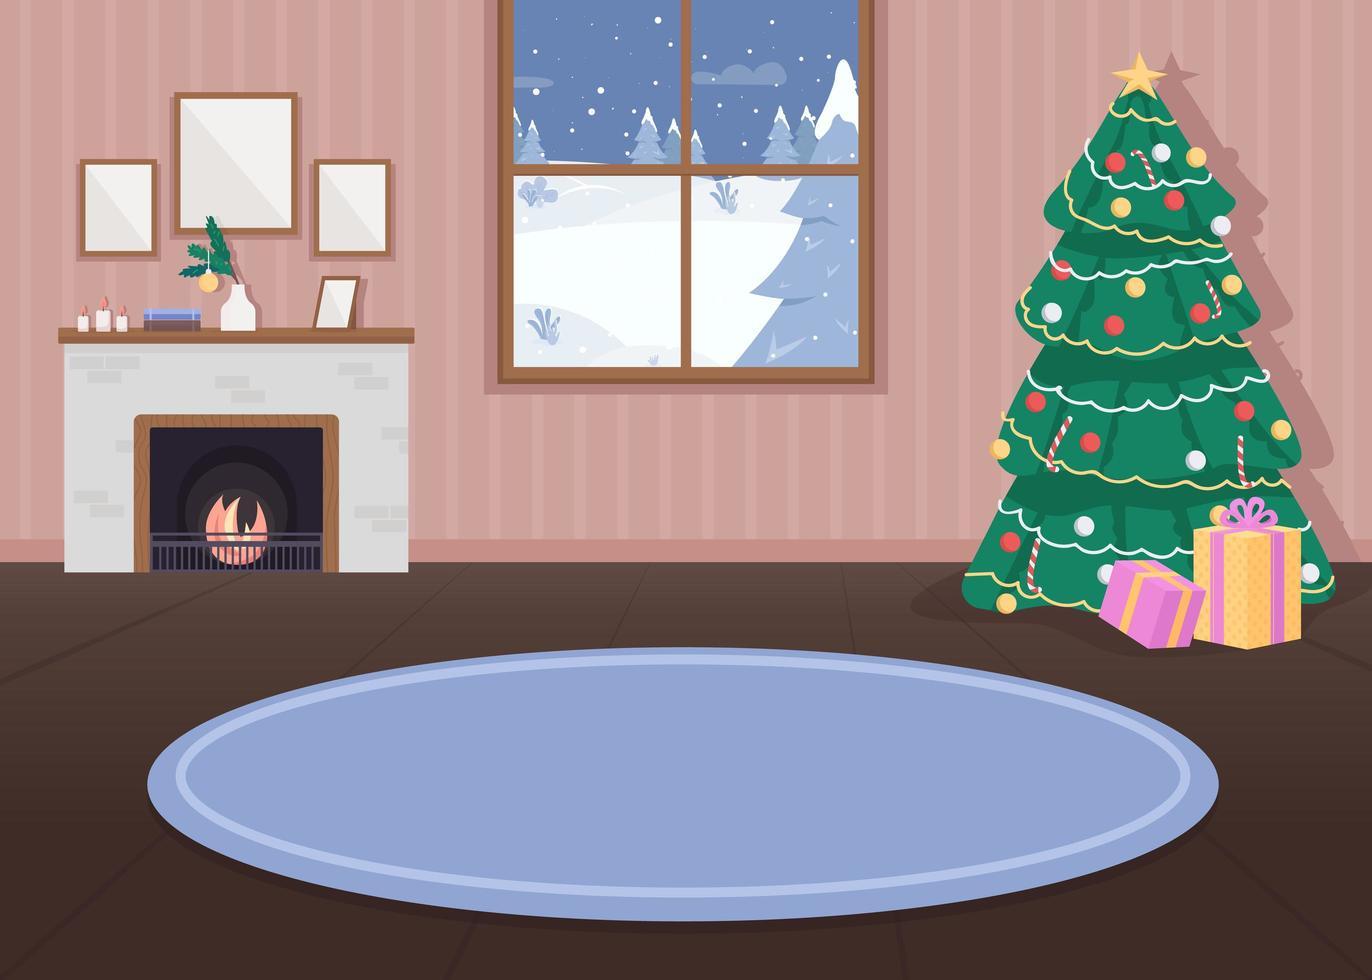 kerst versierd huis vector